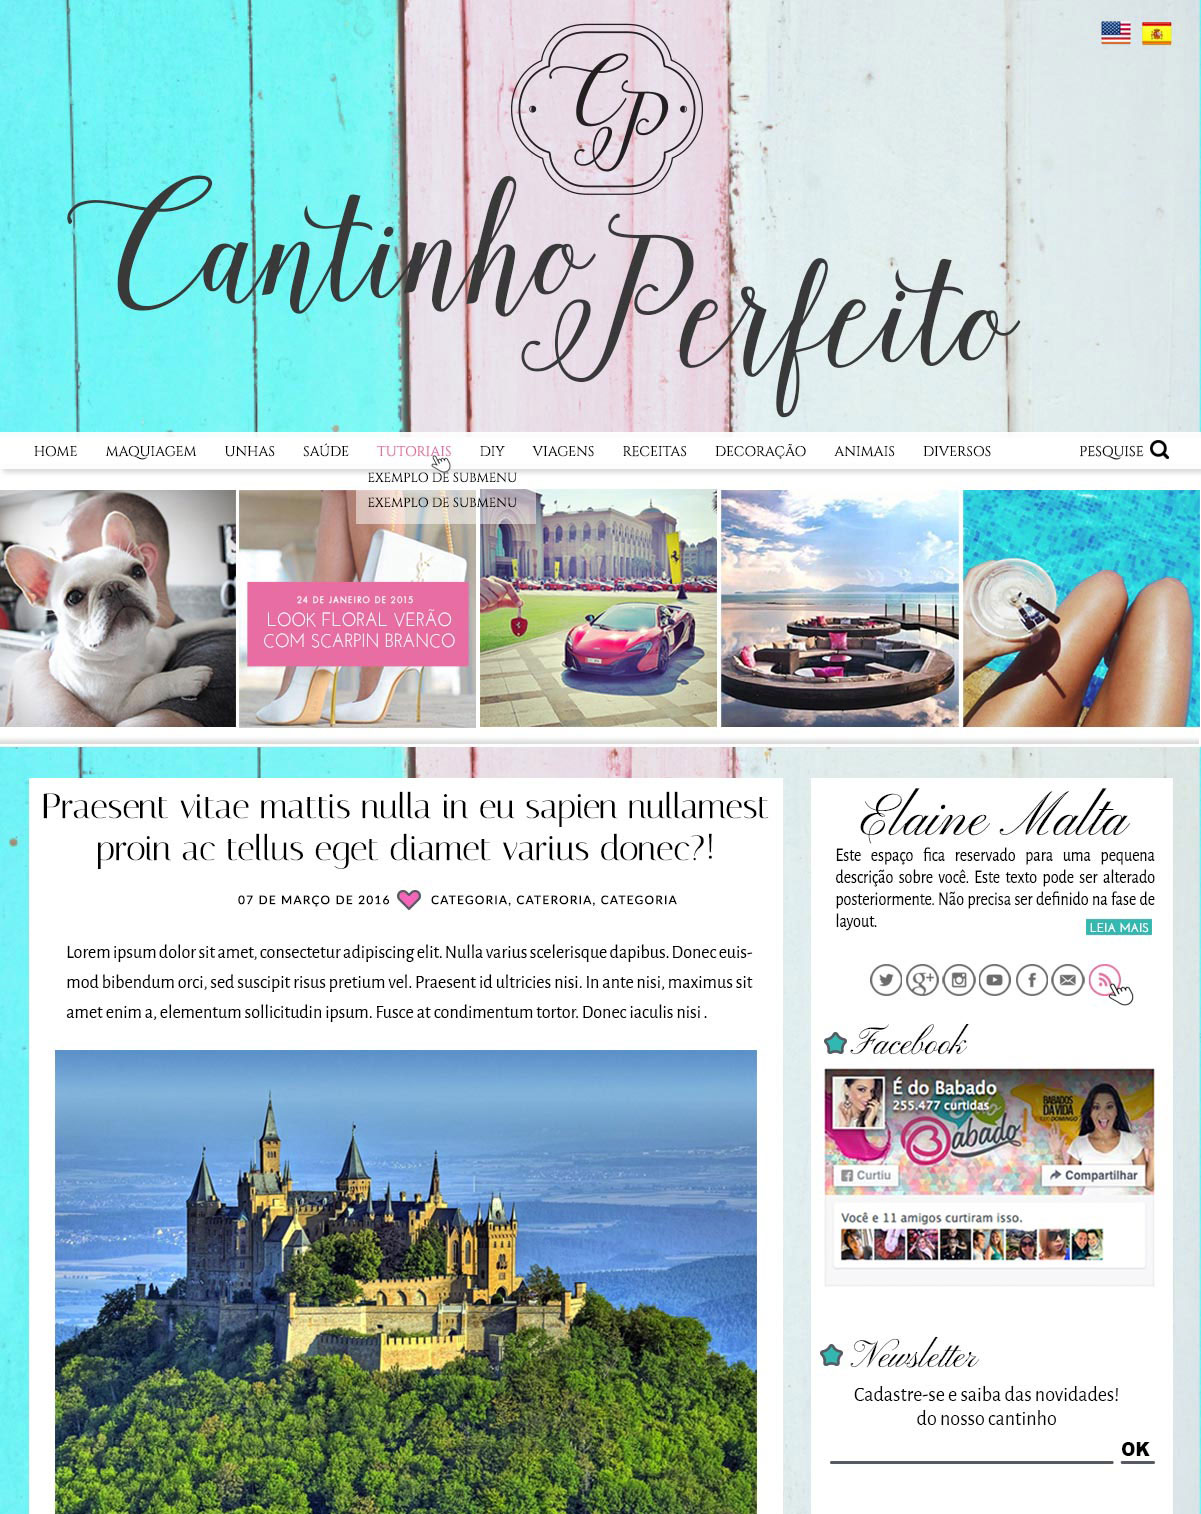 CantinhoPerfeito-ElaineMalta-V5-aprovado-ER